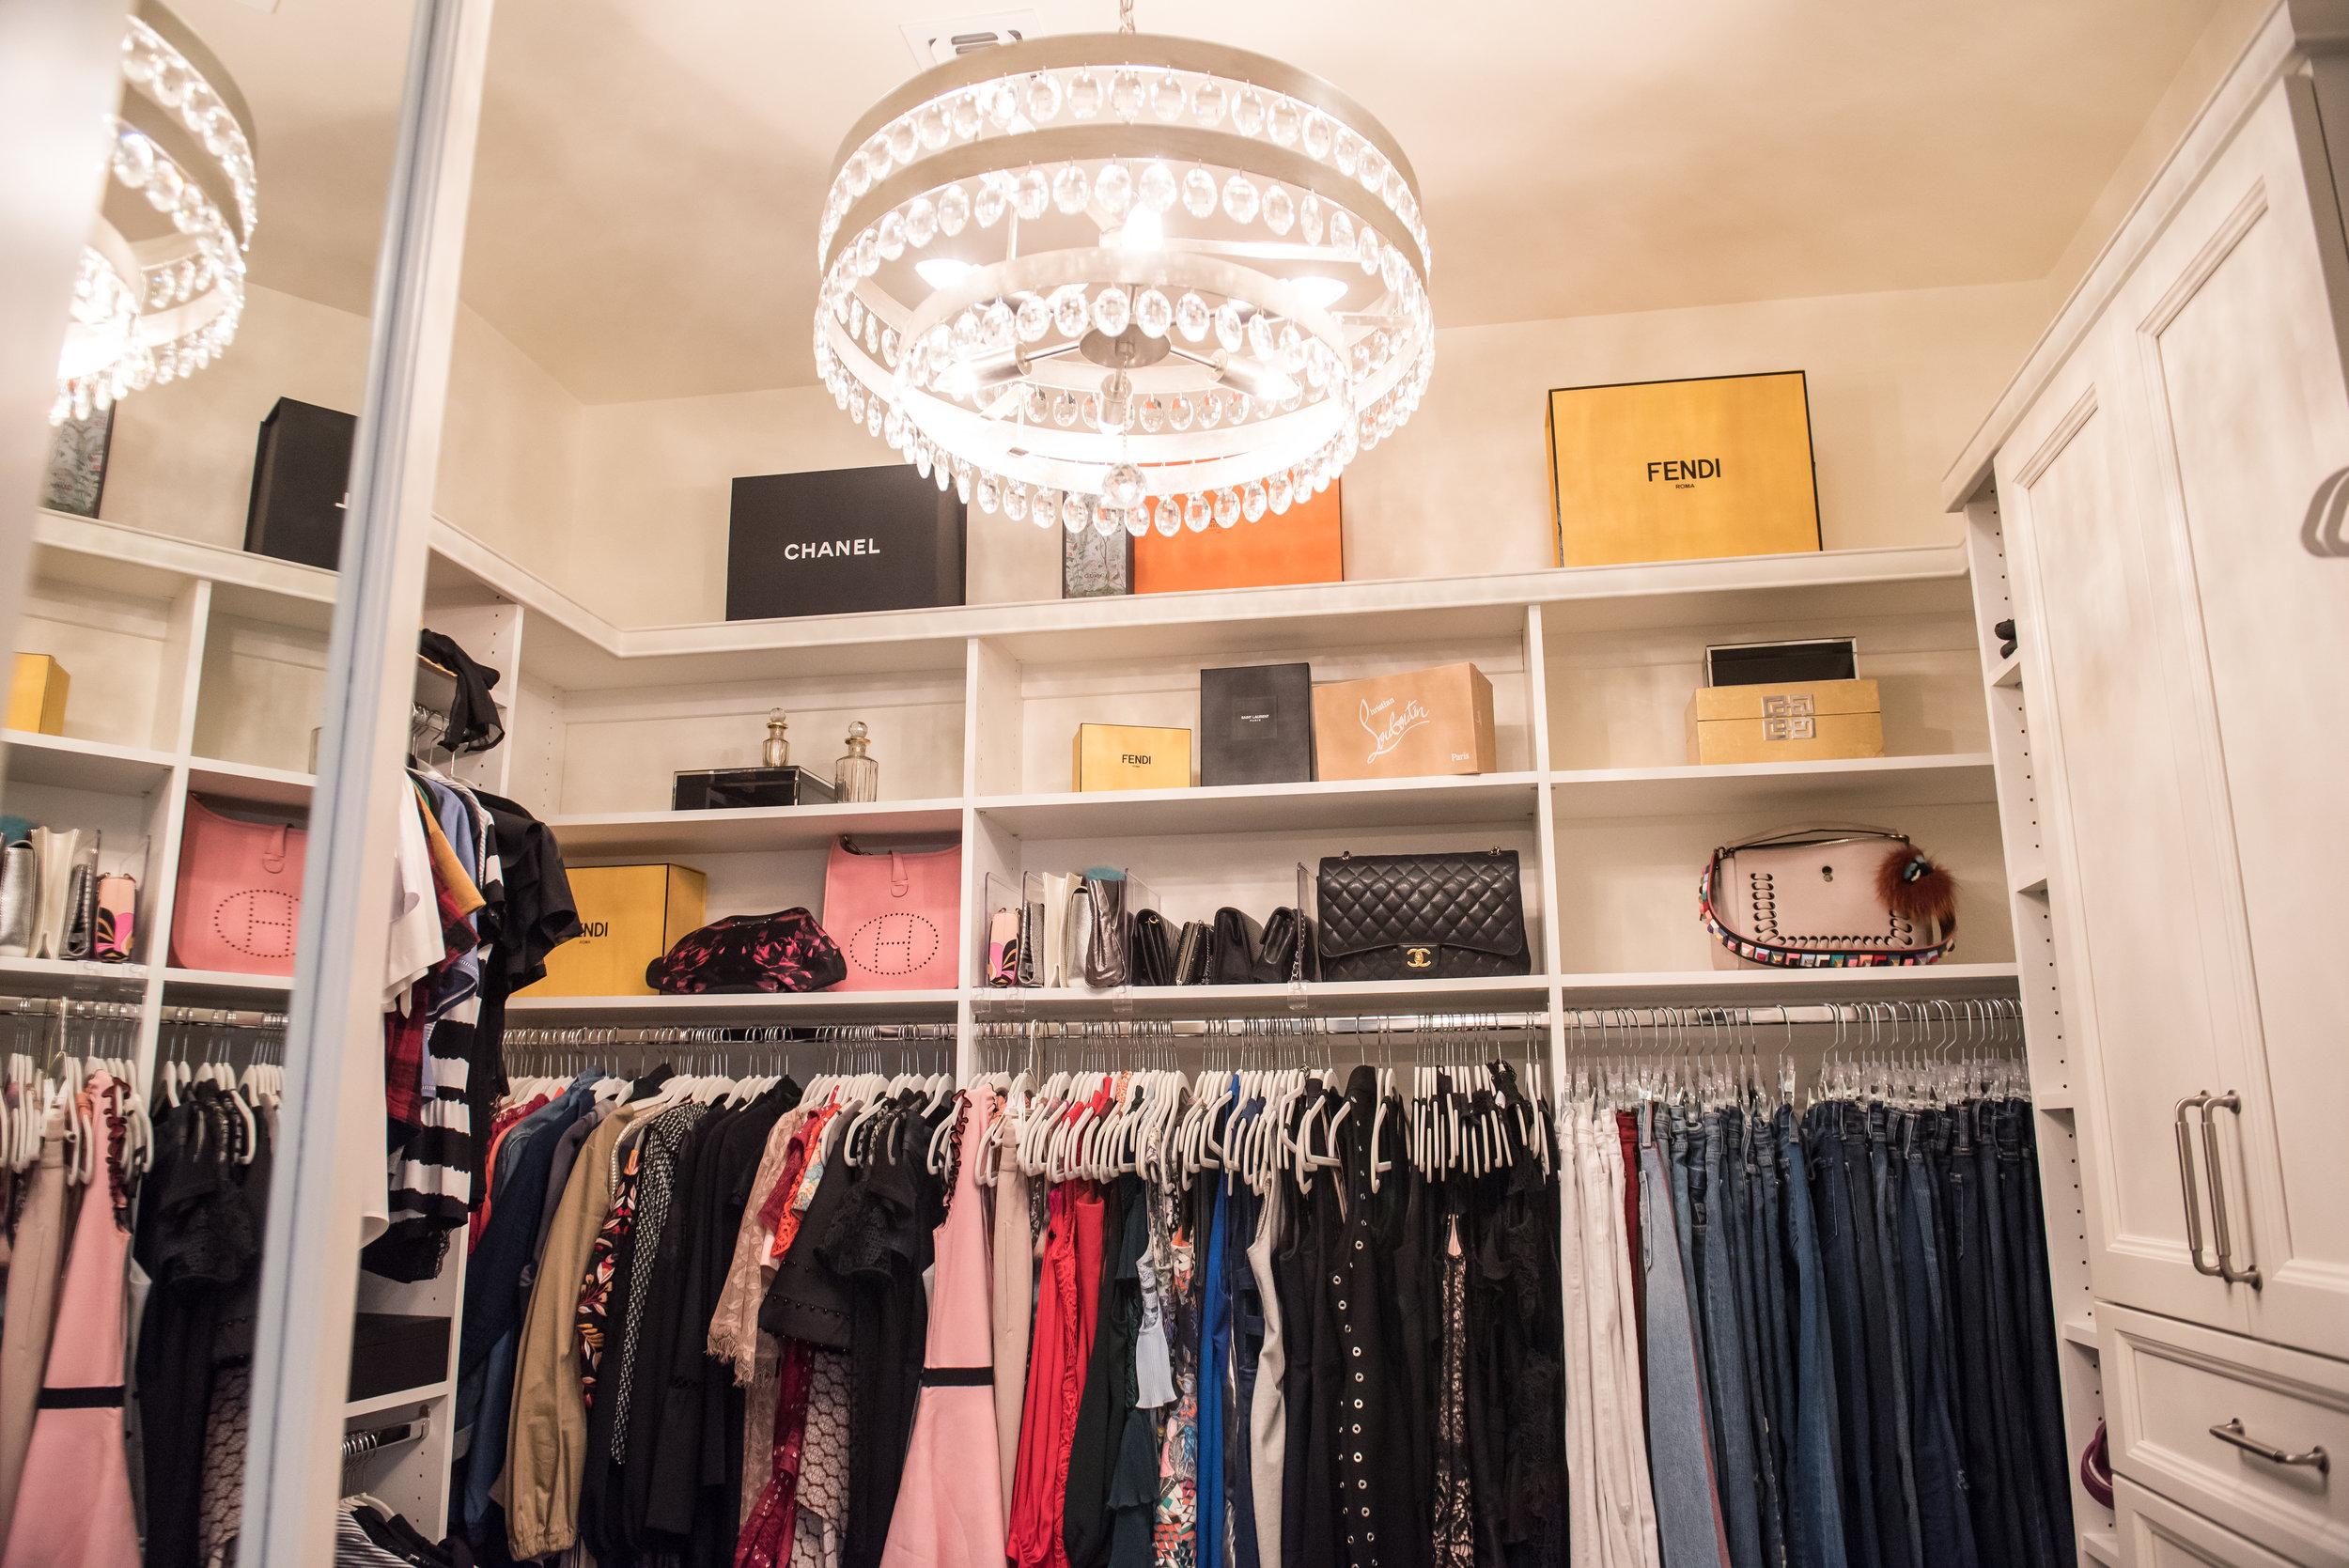 35 Closet+Chandelier+Hercloset+Scottsdale.jpg